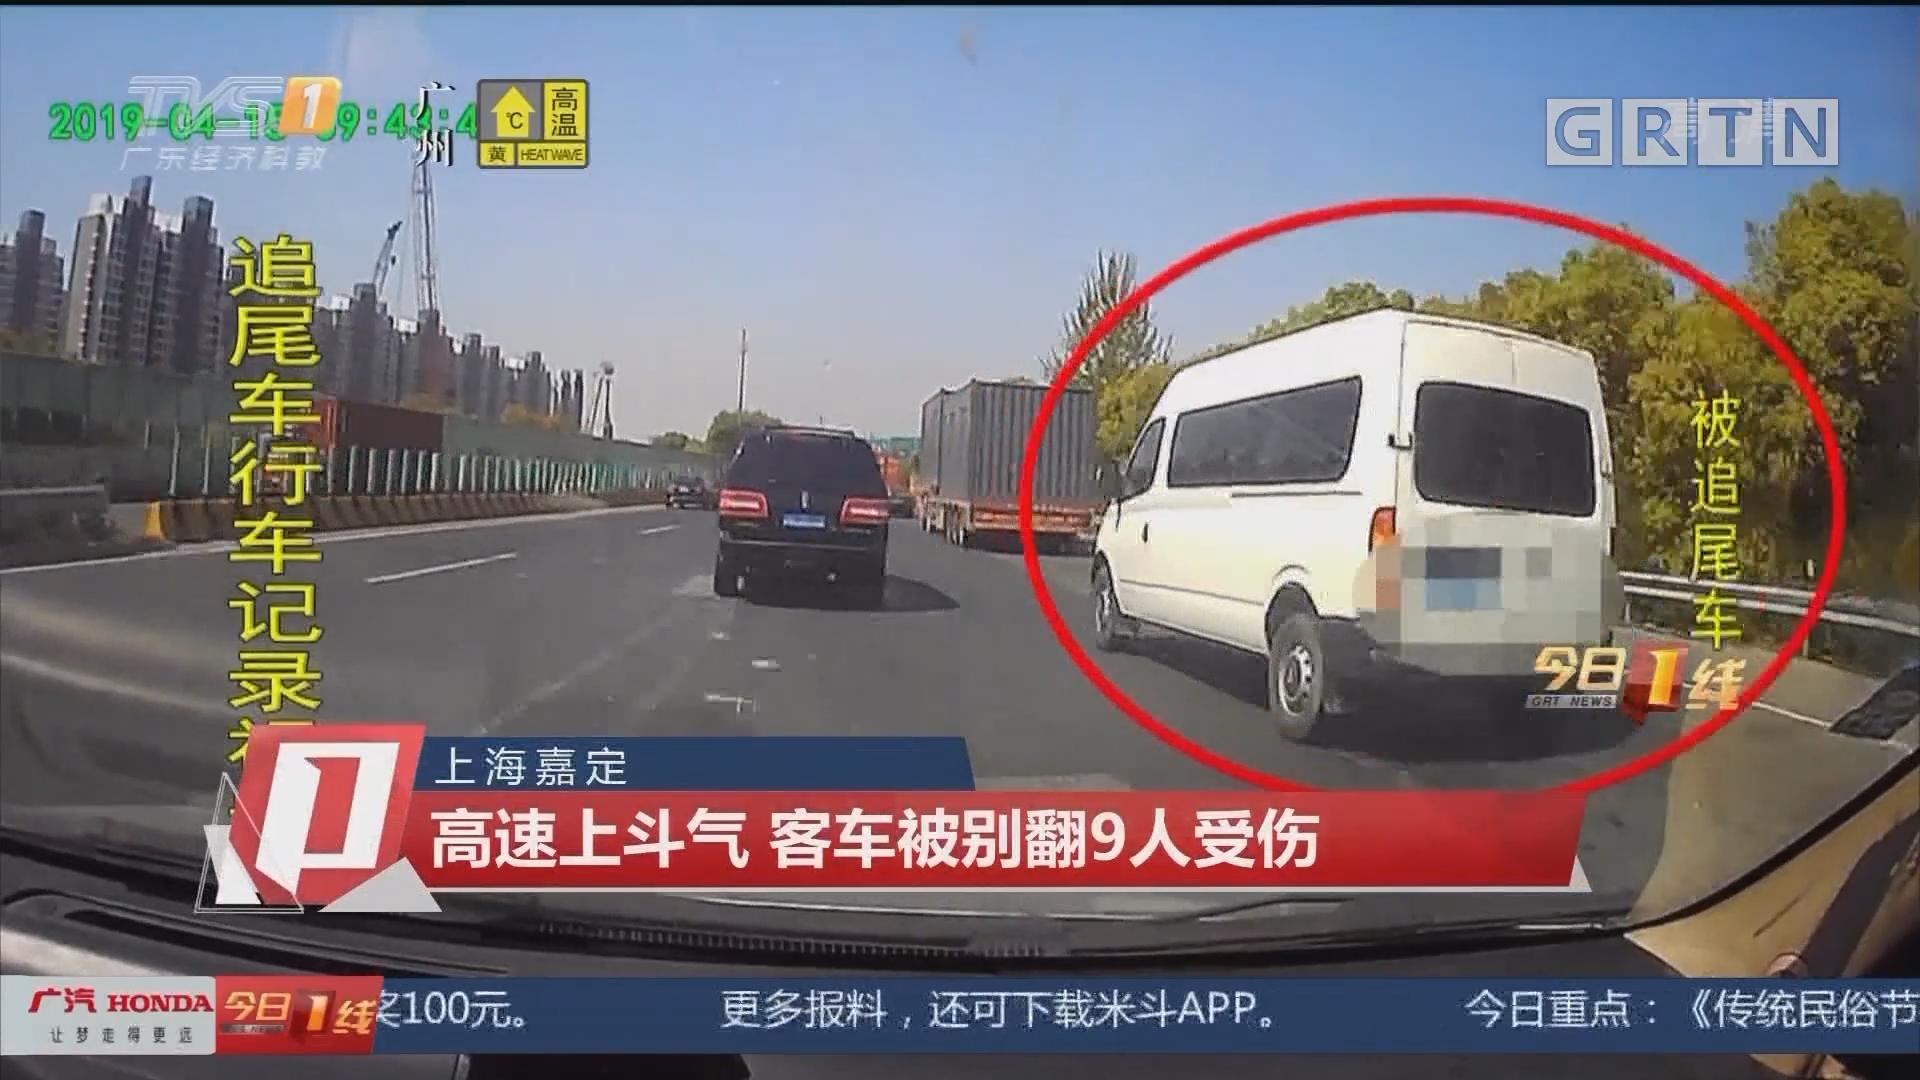 上海嘉定:高速上斗气 客车被别翻9人受伤